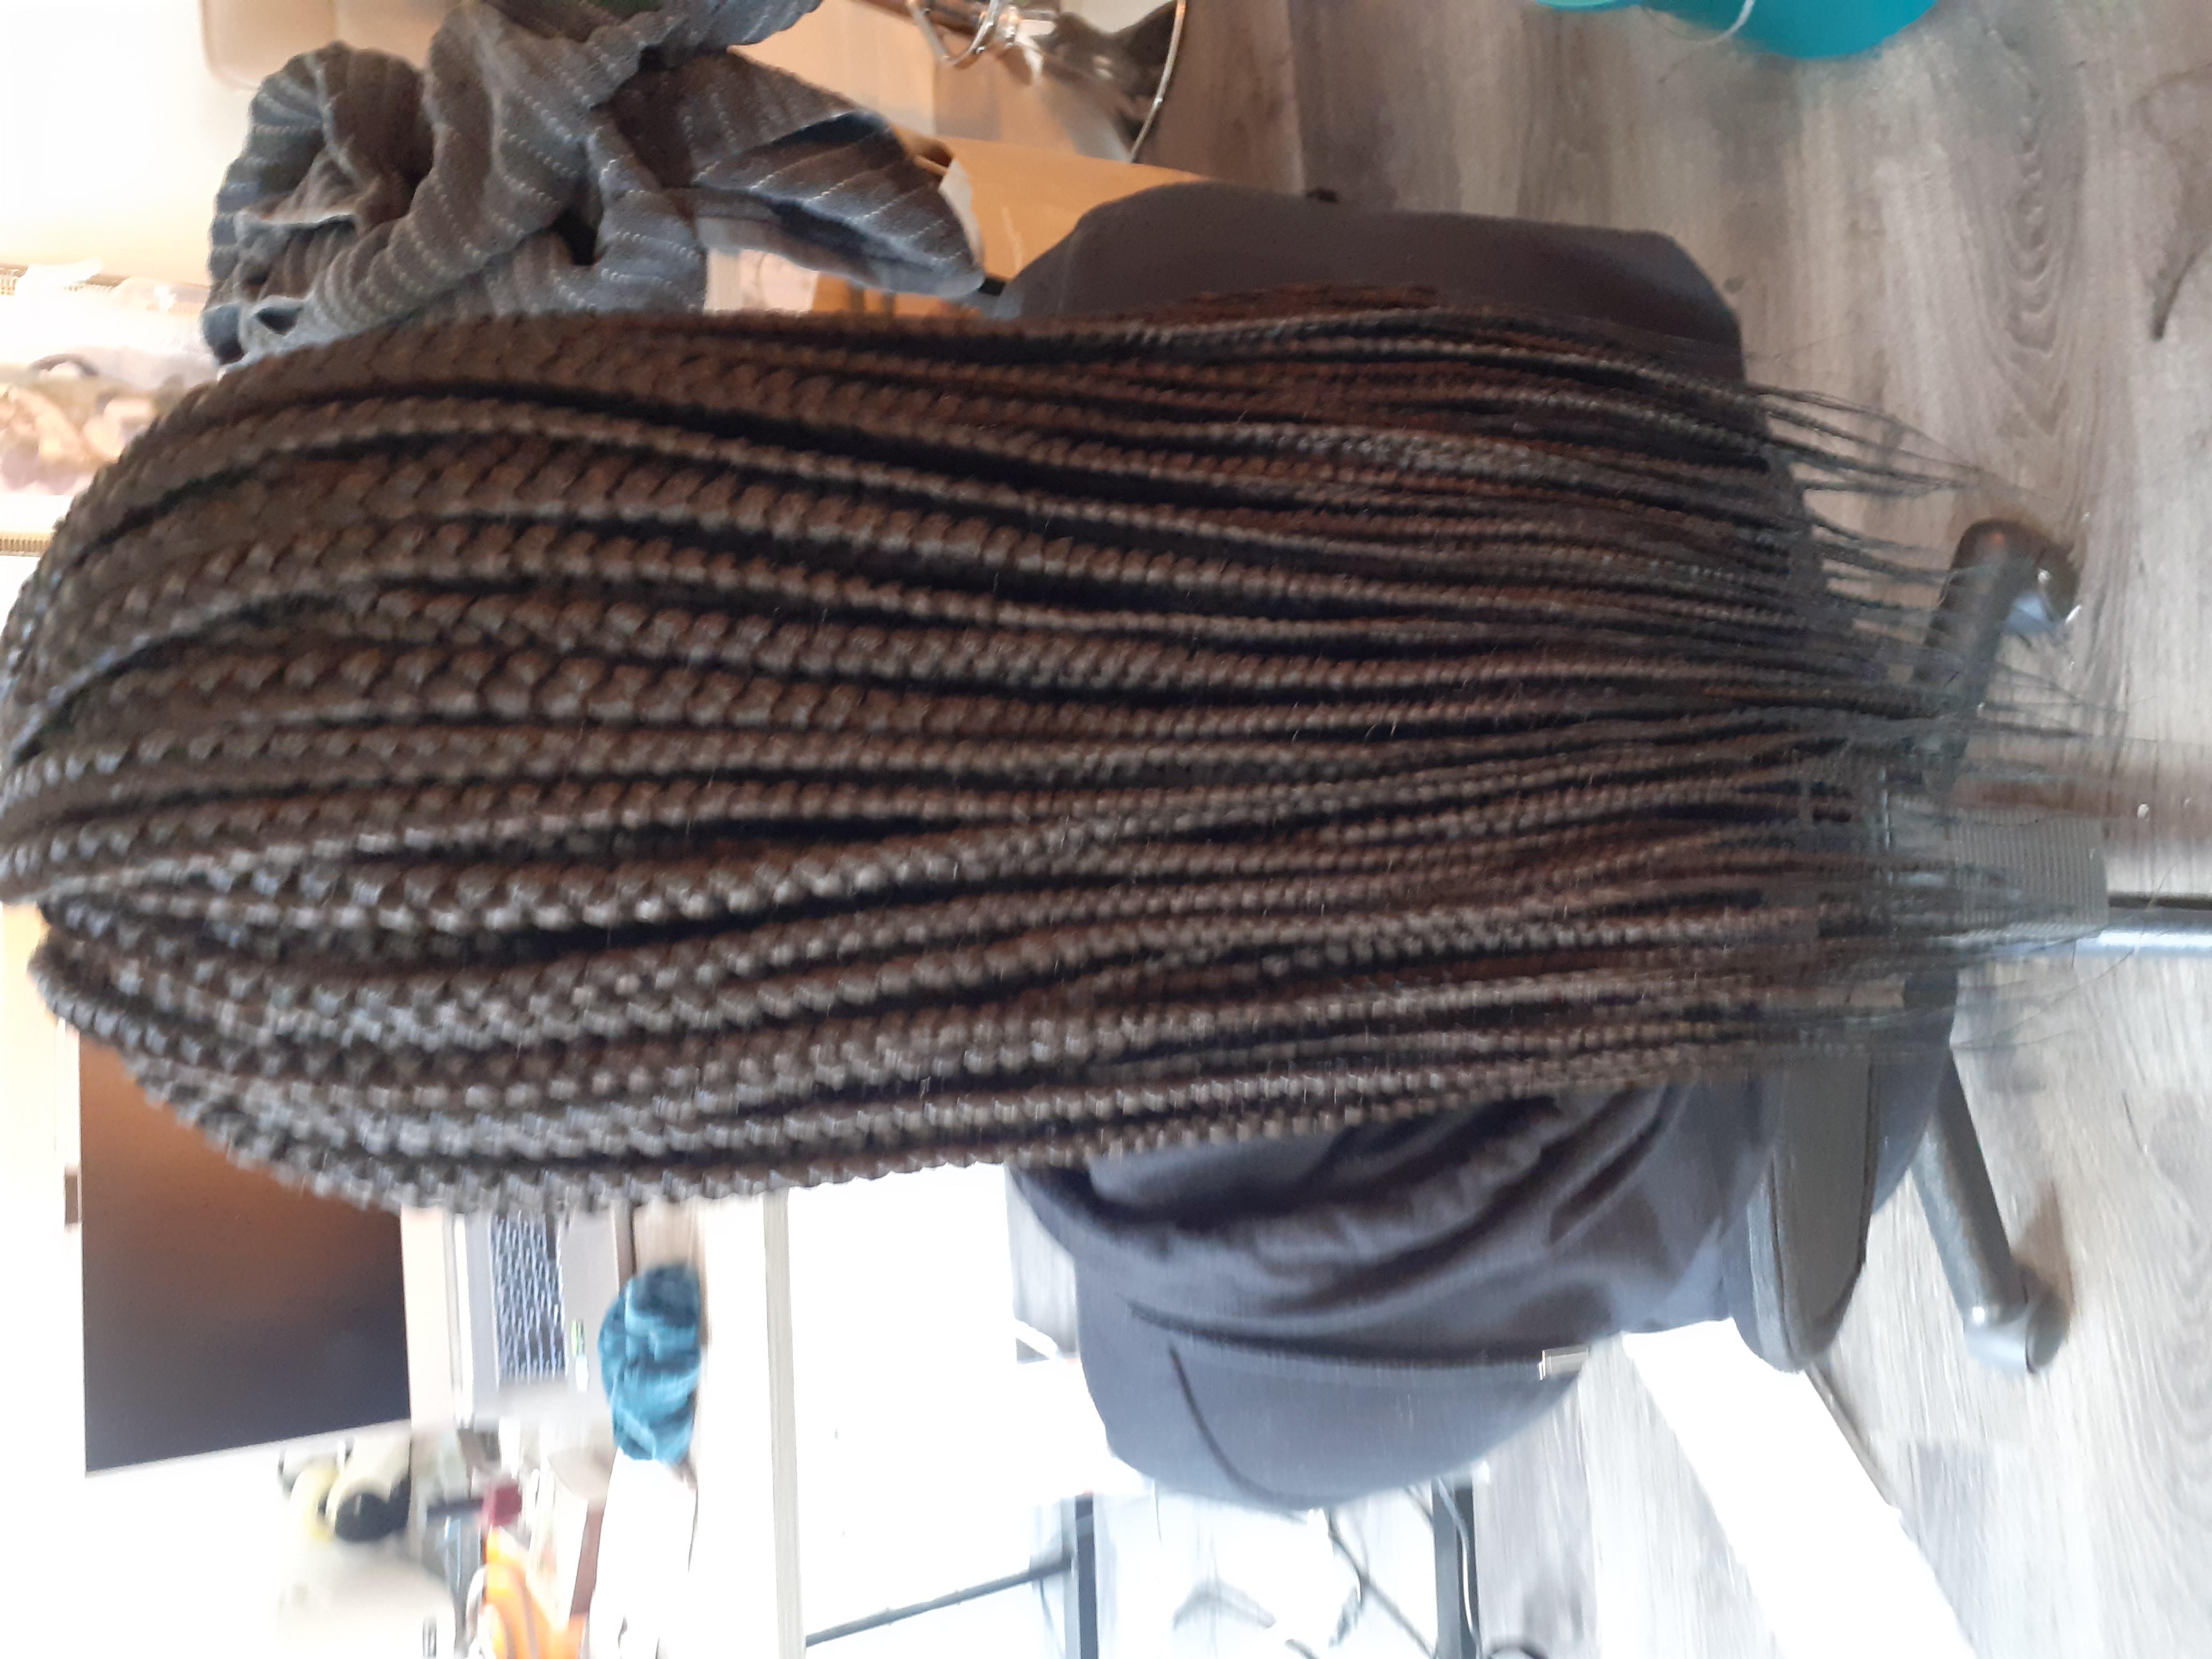 salon de coiffure afro tresse tresses box braids crochet braids vanilles tissages paris 75 77 78 91 92 93 94 95 EBMUHMXE